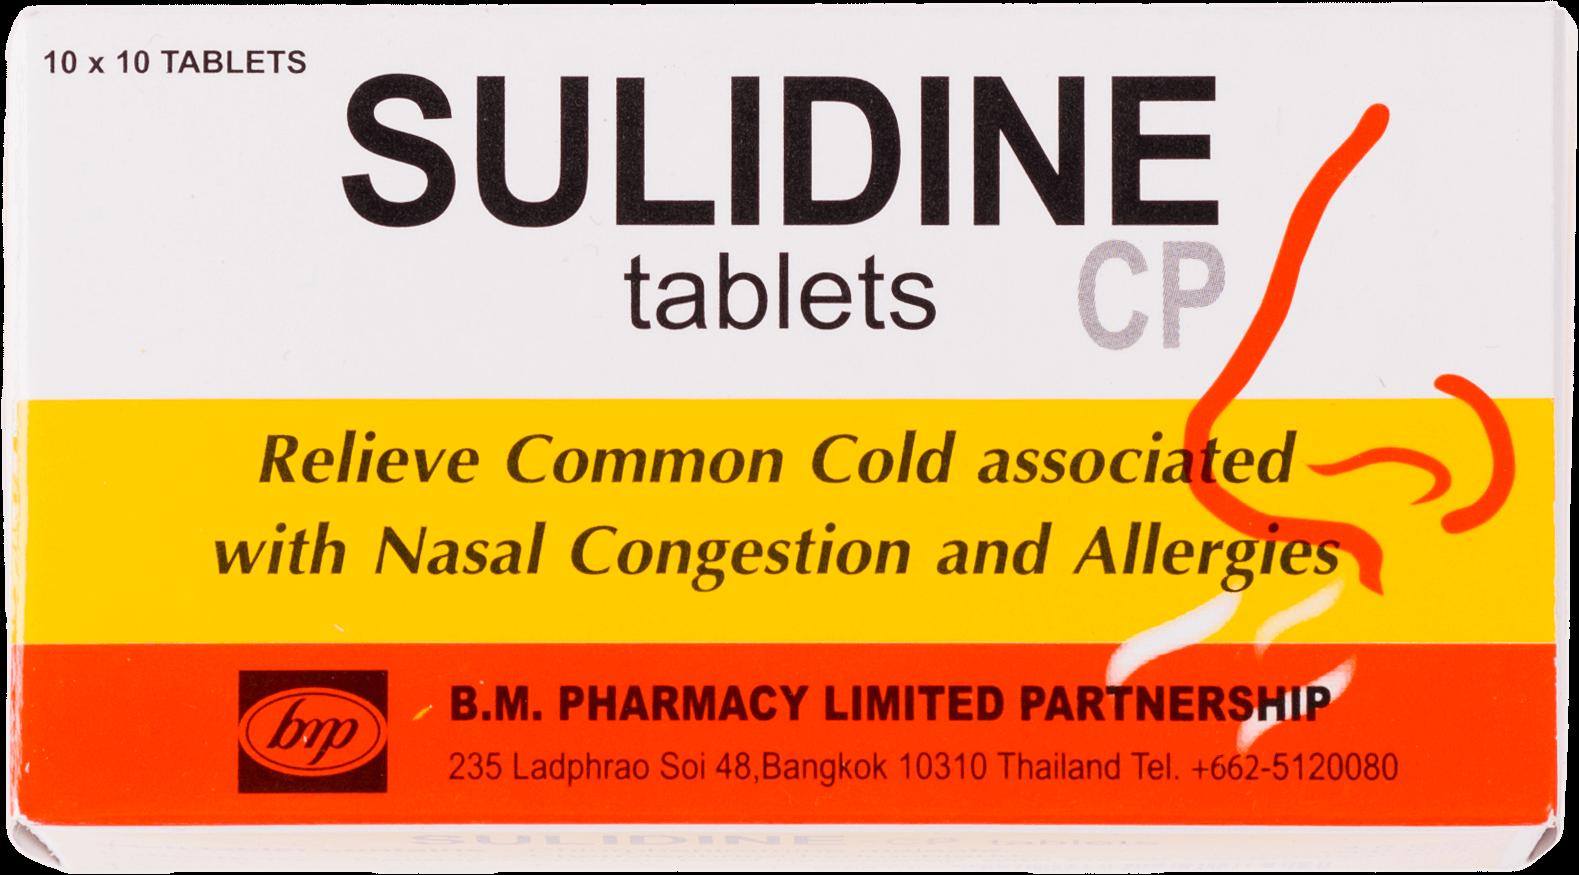 ยาเม็ดบรรเทาอากาศหวัด คัดจมูก แพ้อากาศ Sulidine CP